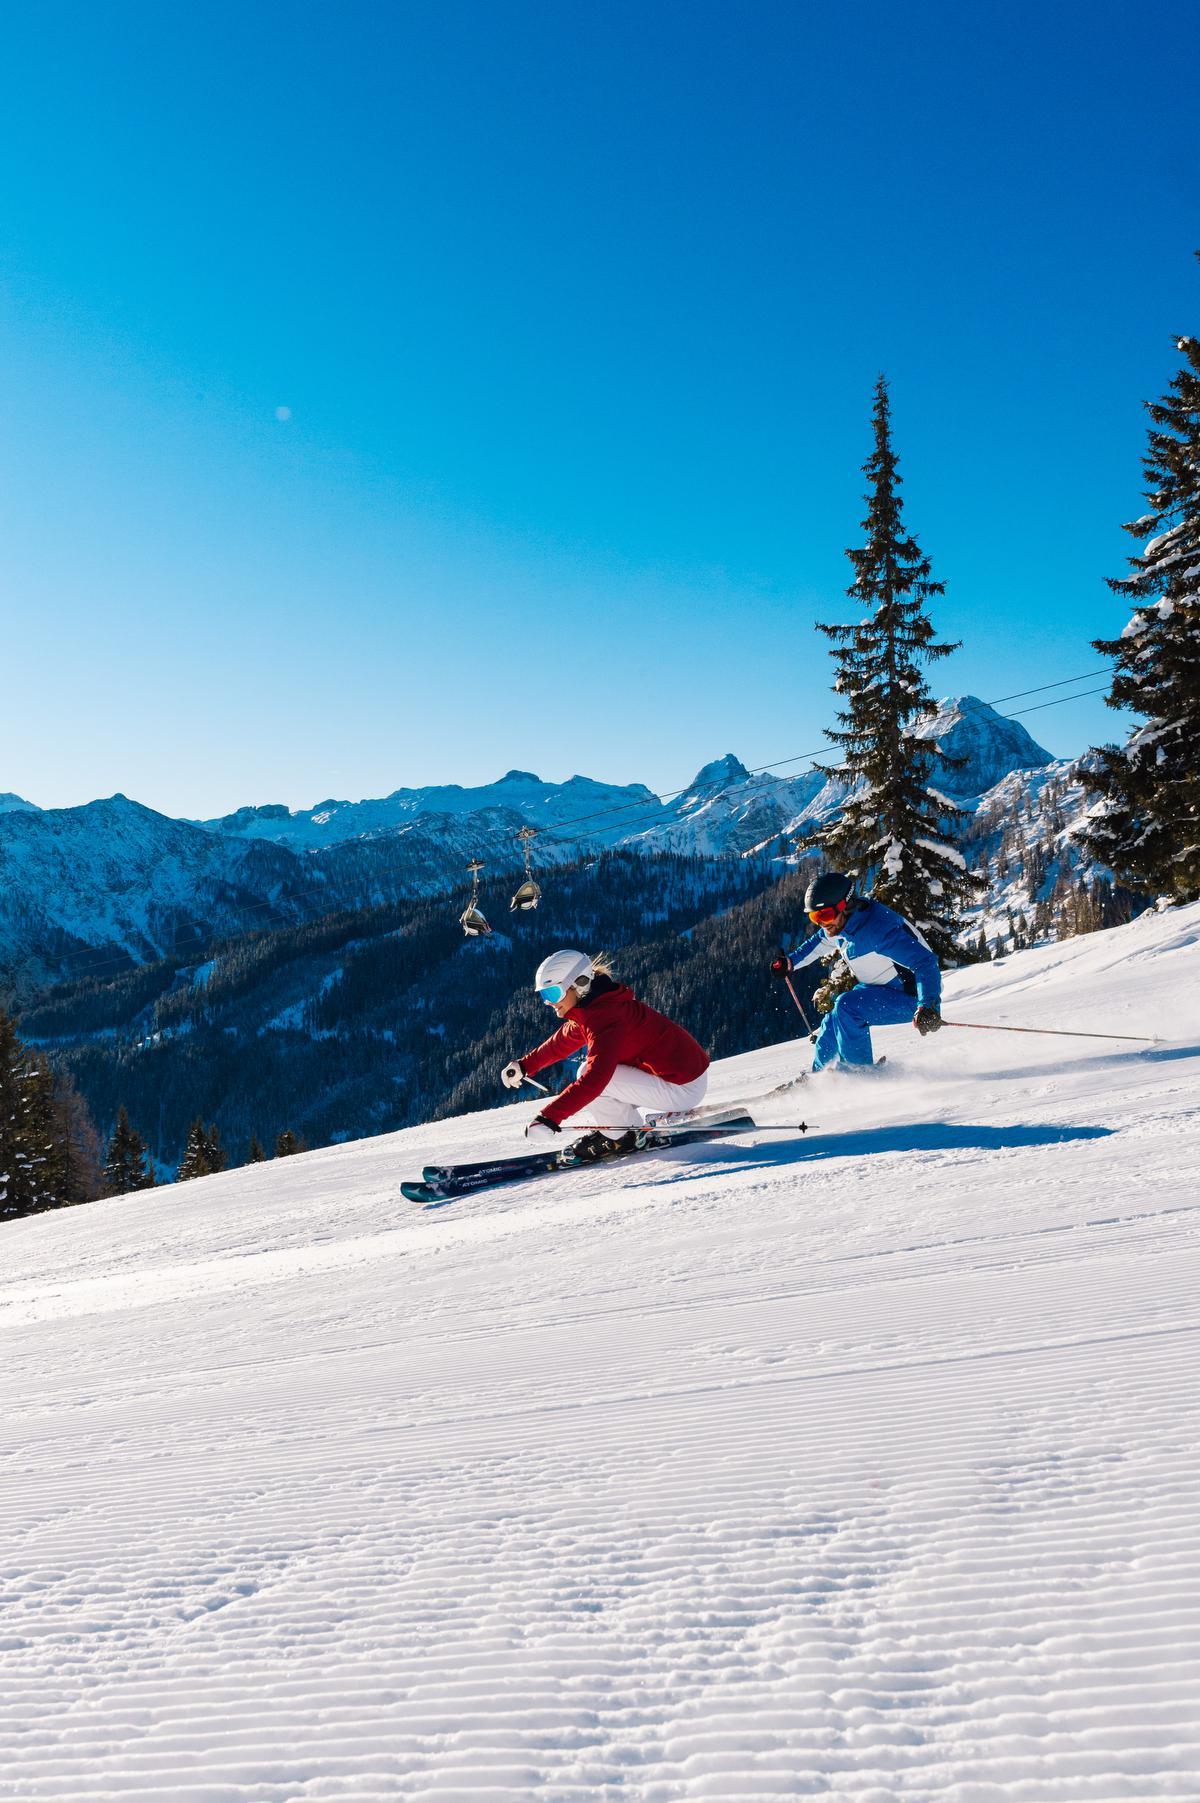 Hochkönig vormt samen met vier andere regio's Ski Amade. Samen goed voor 760 kilometer aan pistes. (gf)